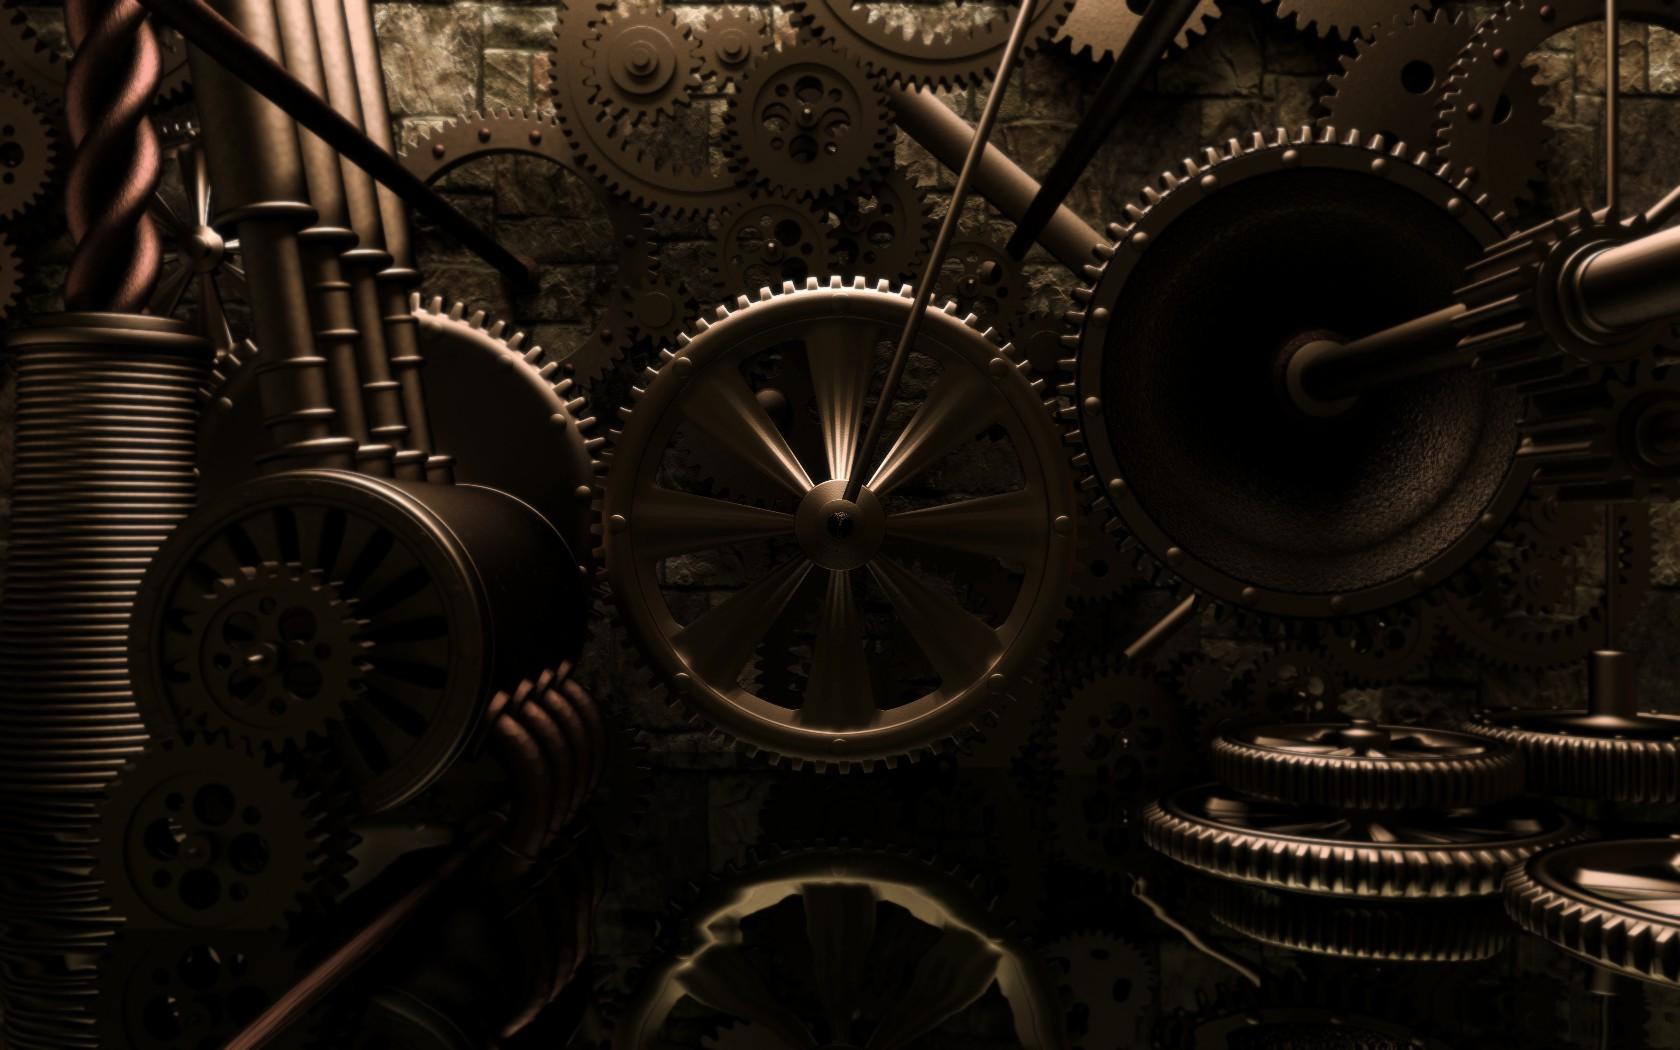 steampunk computer wallpapers desktop backgrounds